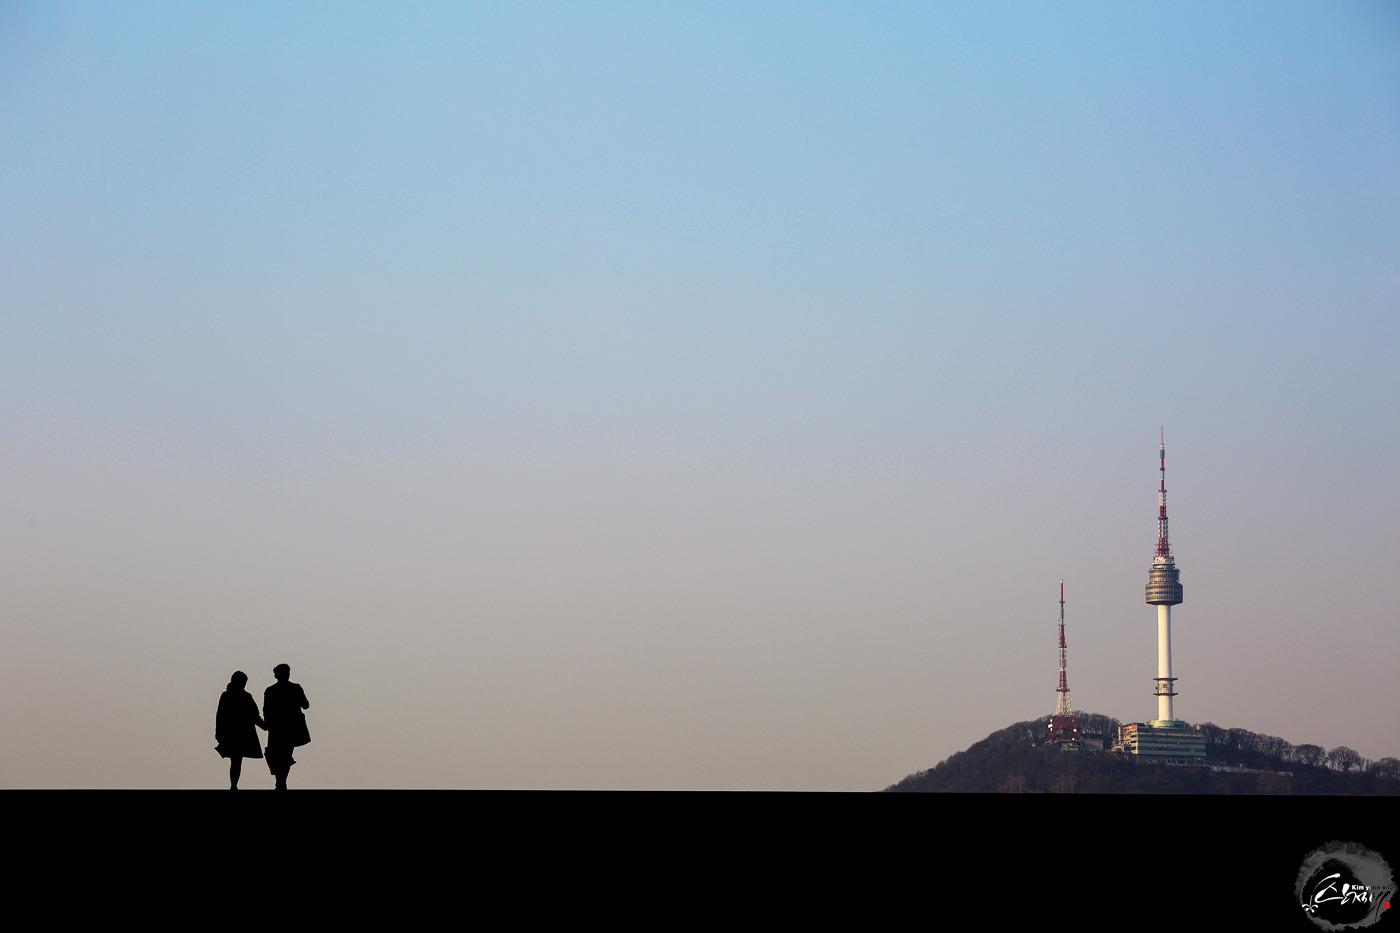 탐아빠 남산타워와 실루엣 사진